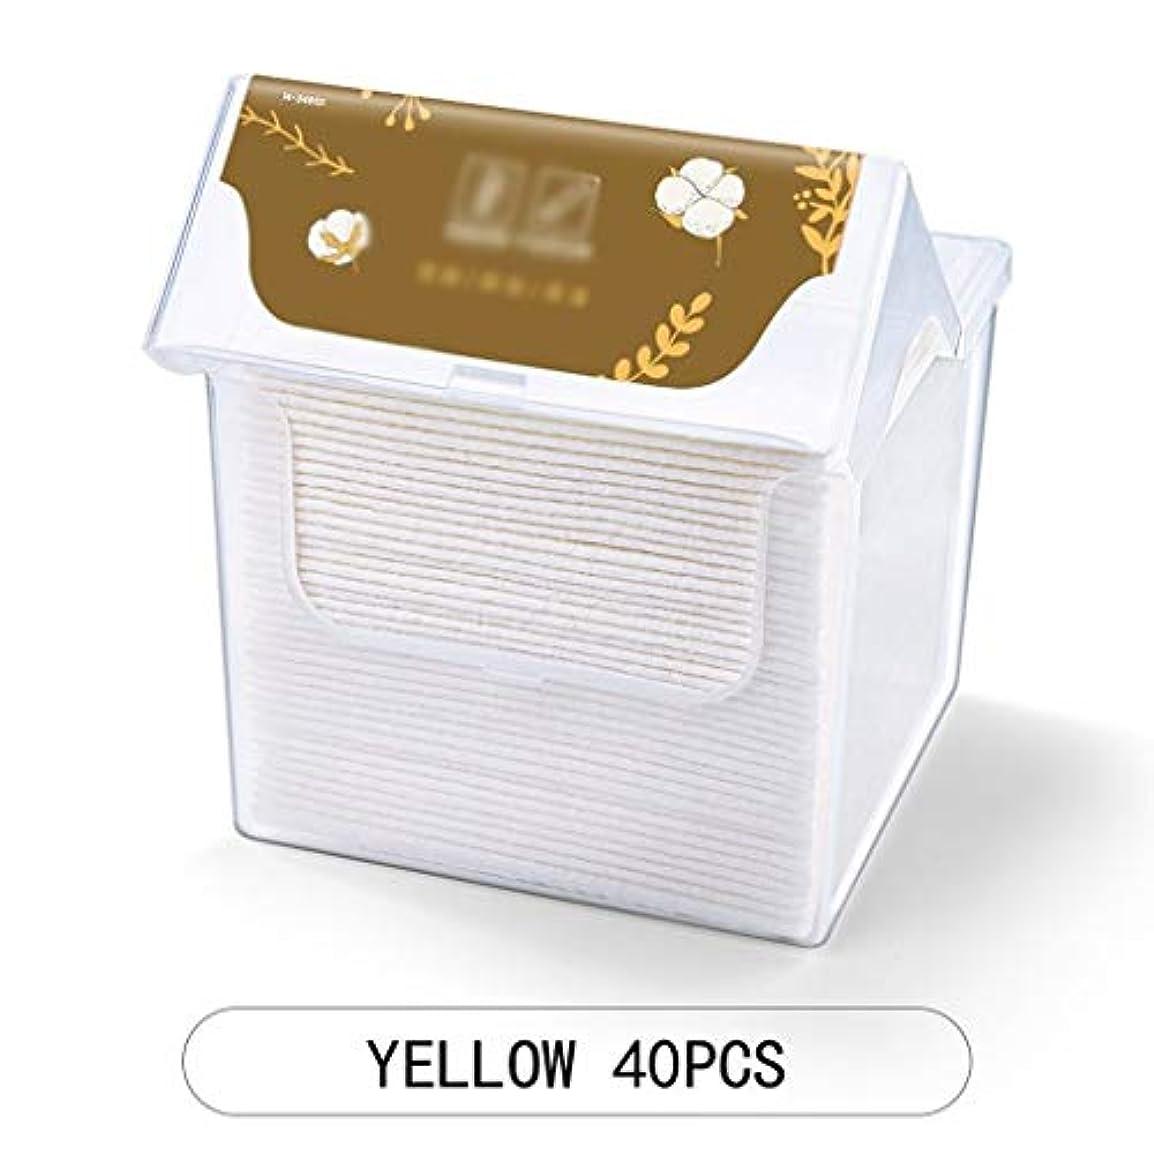 野球バウンド現代のクレンジングシート 柔らかい綿のティッシュメイクアップワイプ多目的フェイスクリーニングフェイスクロスコットンパッドメイクアップ取り外し家庭用クリーニング (Color : Green)